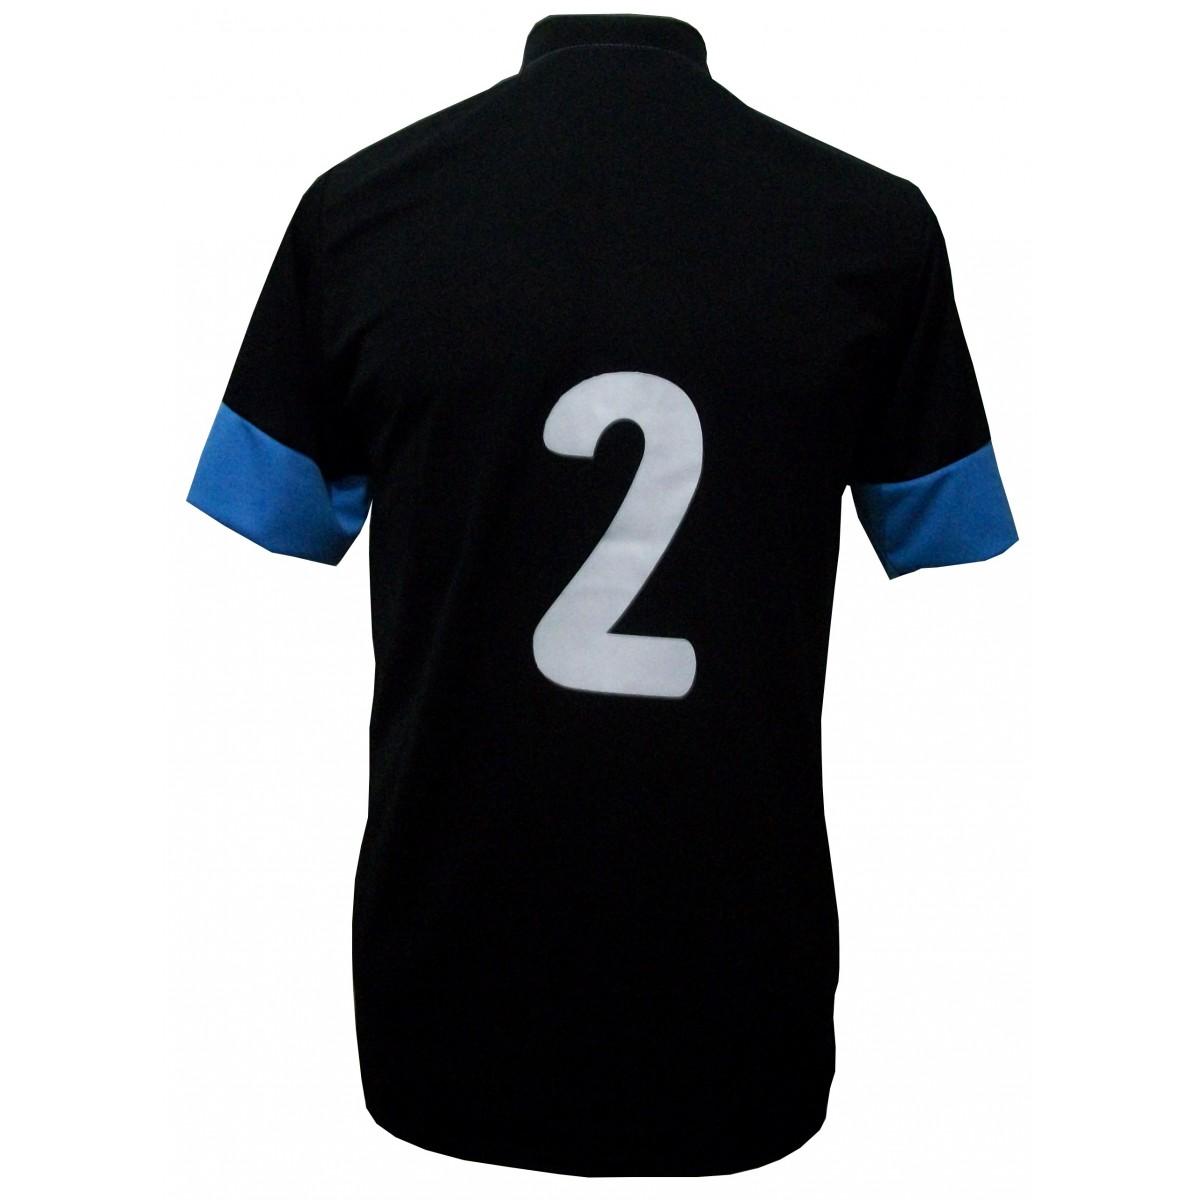 Uniforme Esportivo Completo modelo Sporting 14+1 (14 camisas Preto/Branco/Celeste + 14 calções modelo Copa Preto/Branco + 14 pares de meiões Brancos + 1 conjunto de goleiro) + Brindes